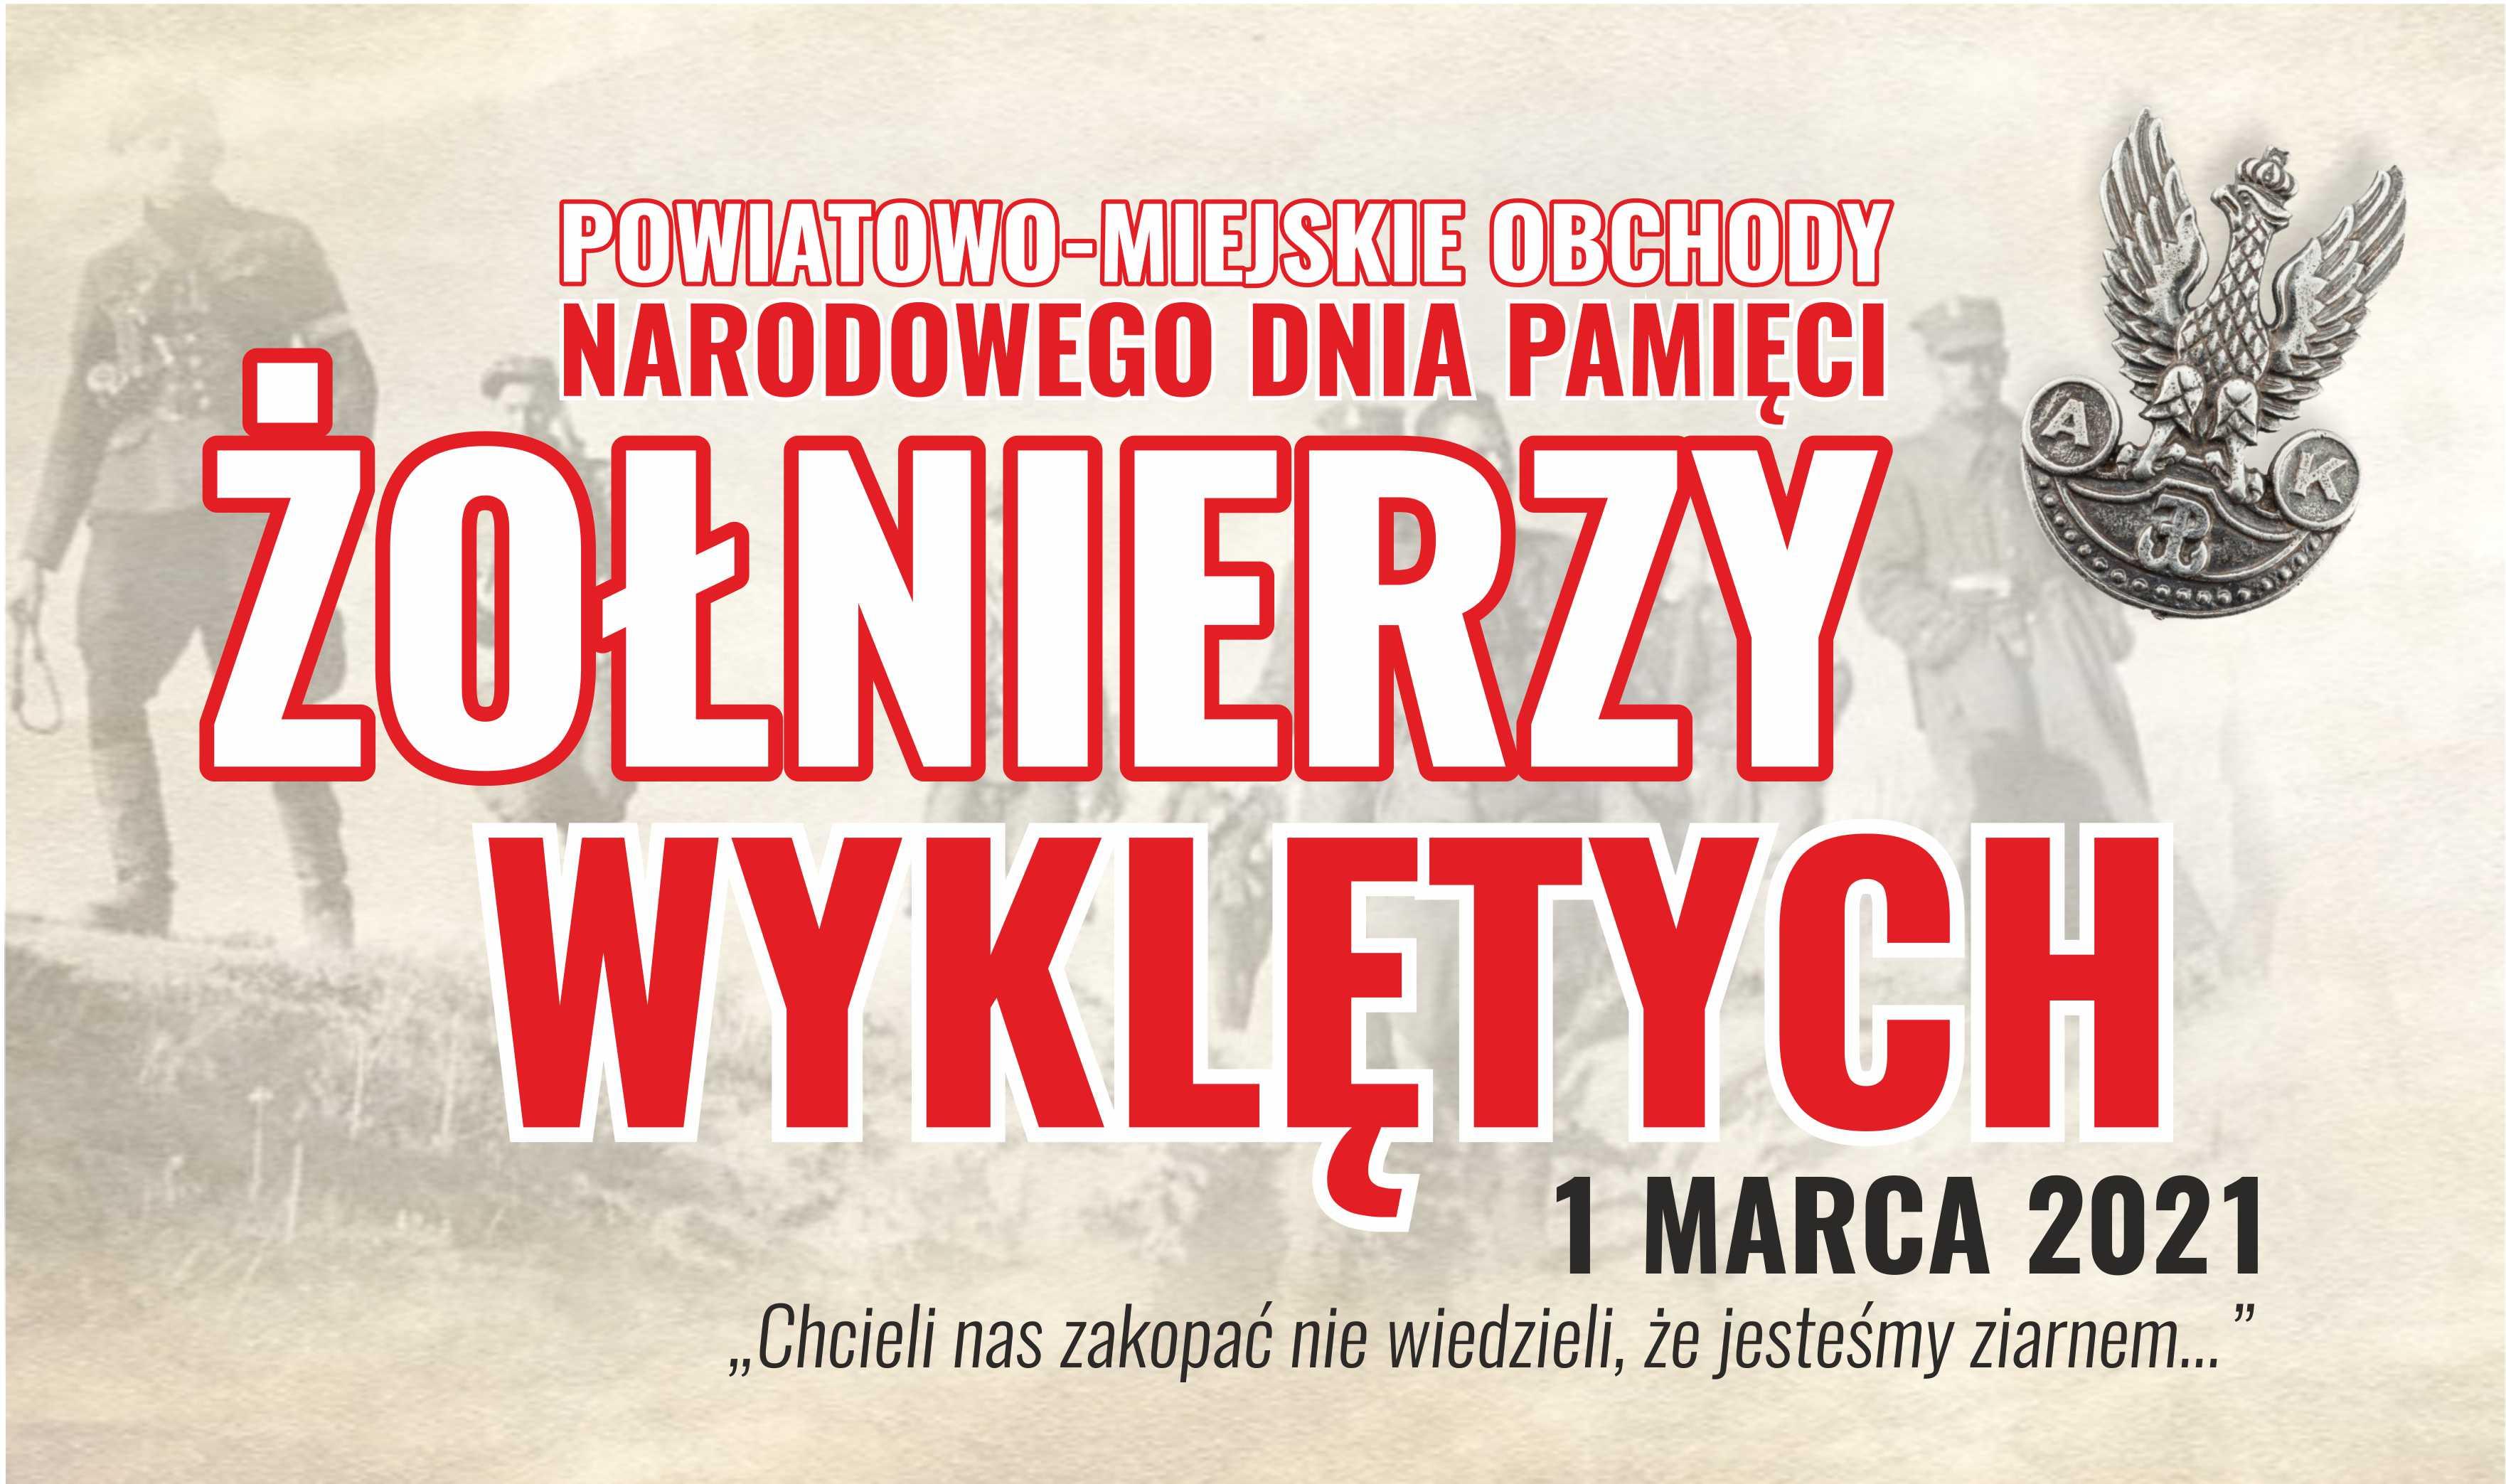 Napis Powiatowo-miejskie obchody dnia Pamięci Żołnierzy Wyklętych. W tle żołnierze.